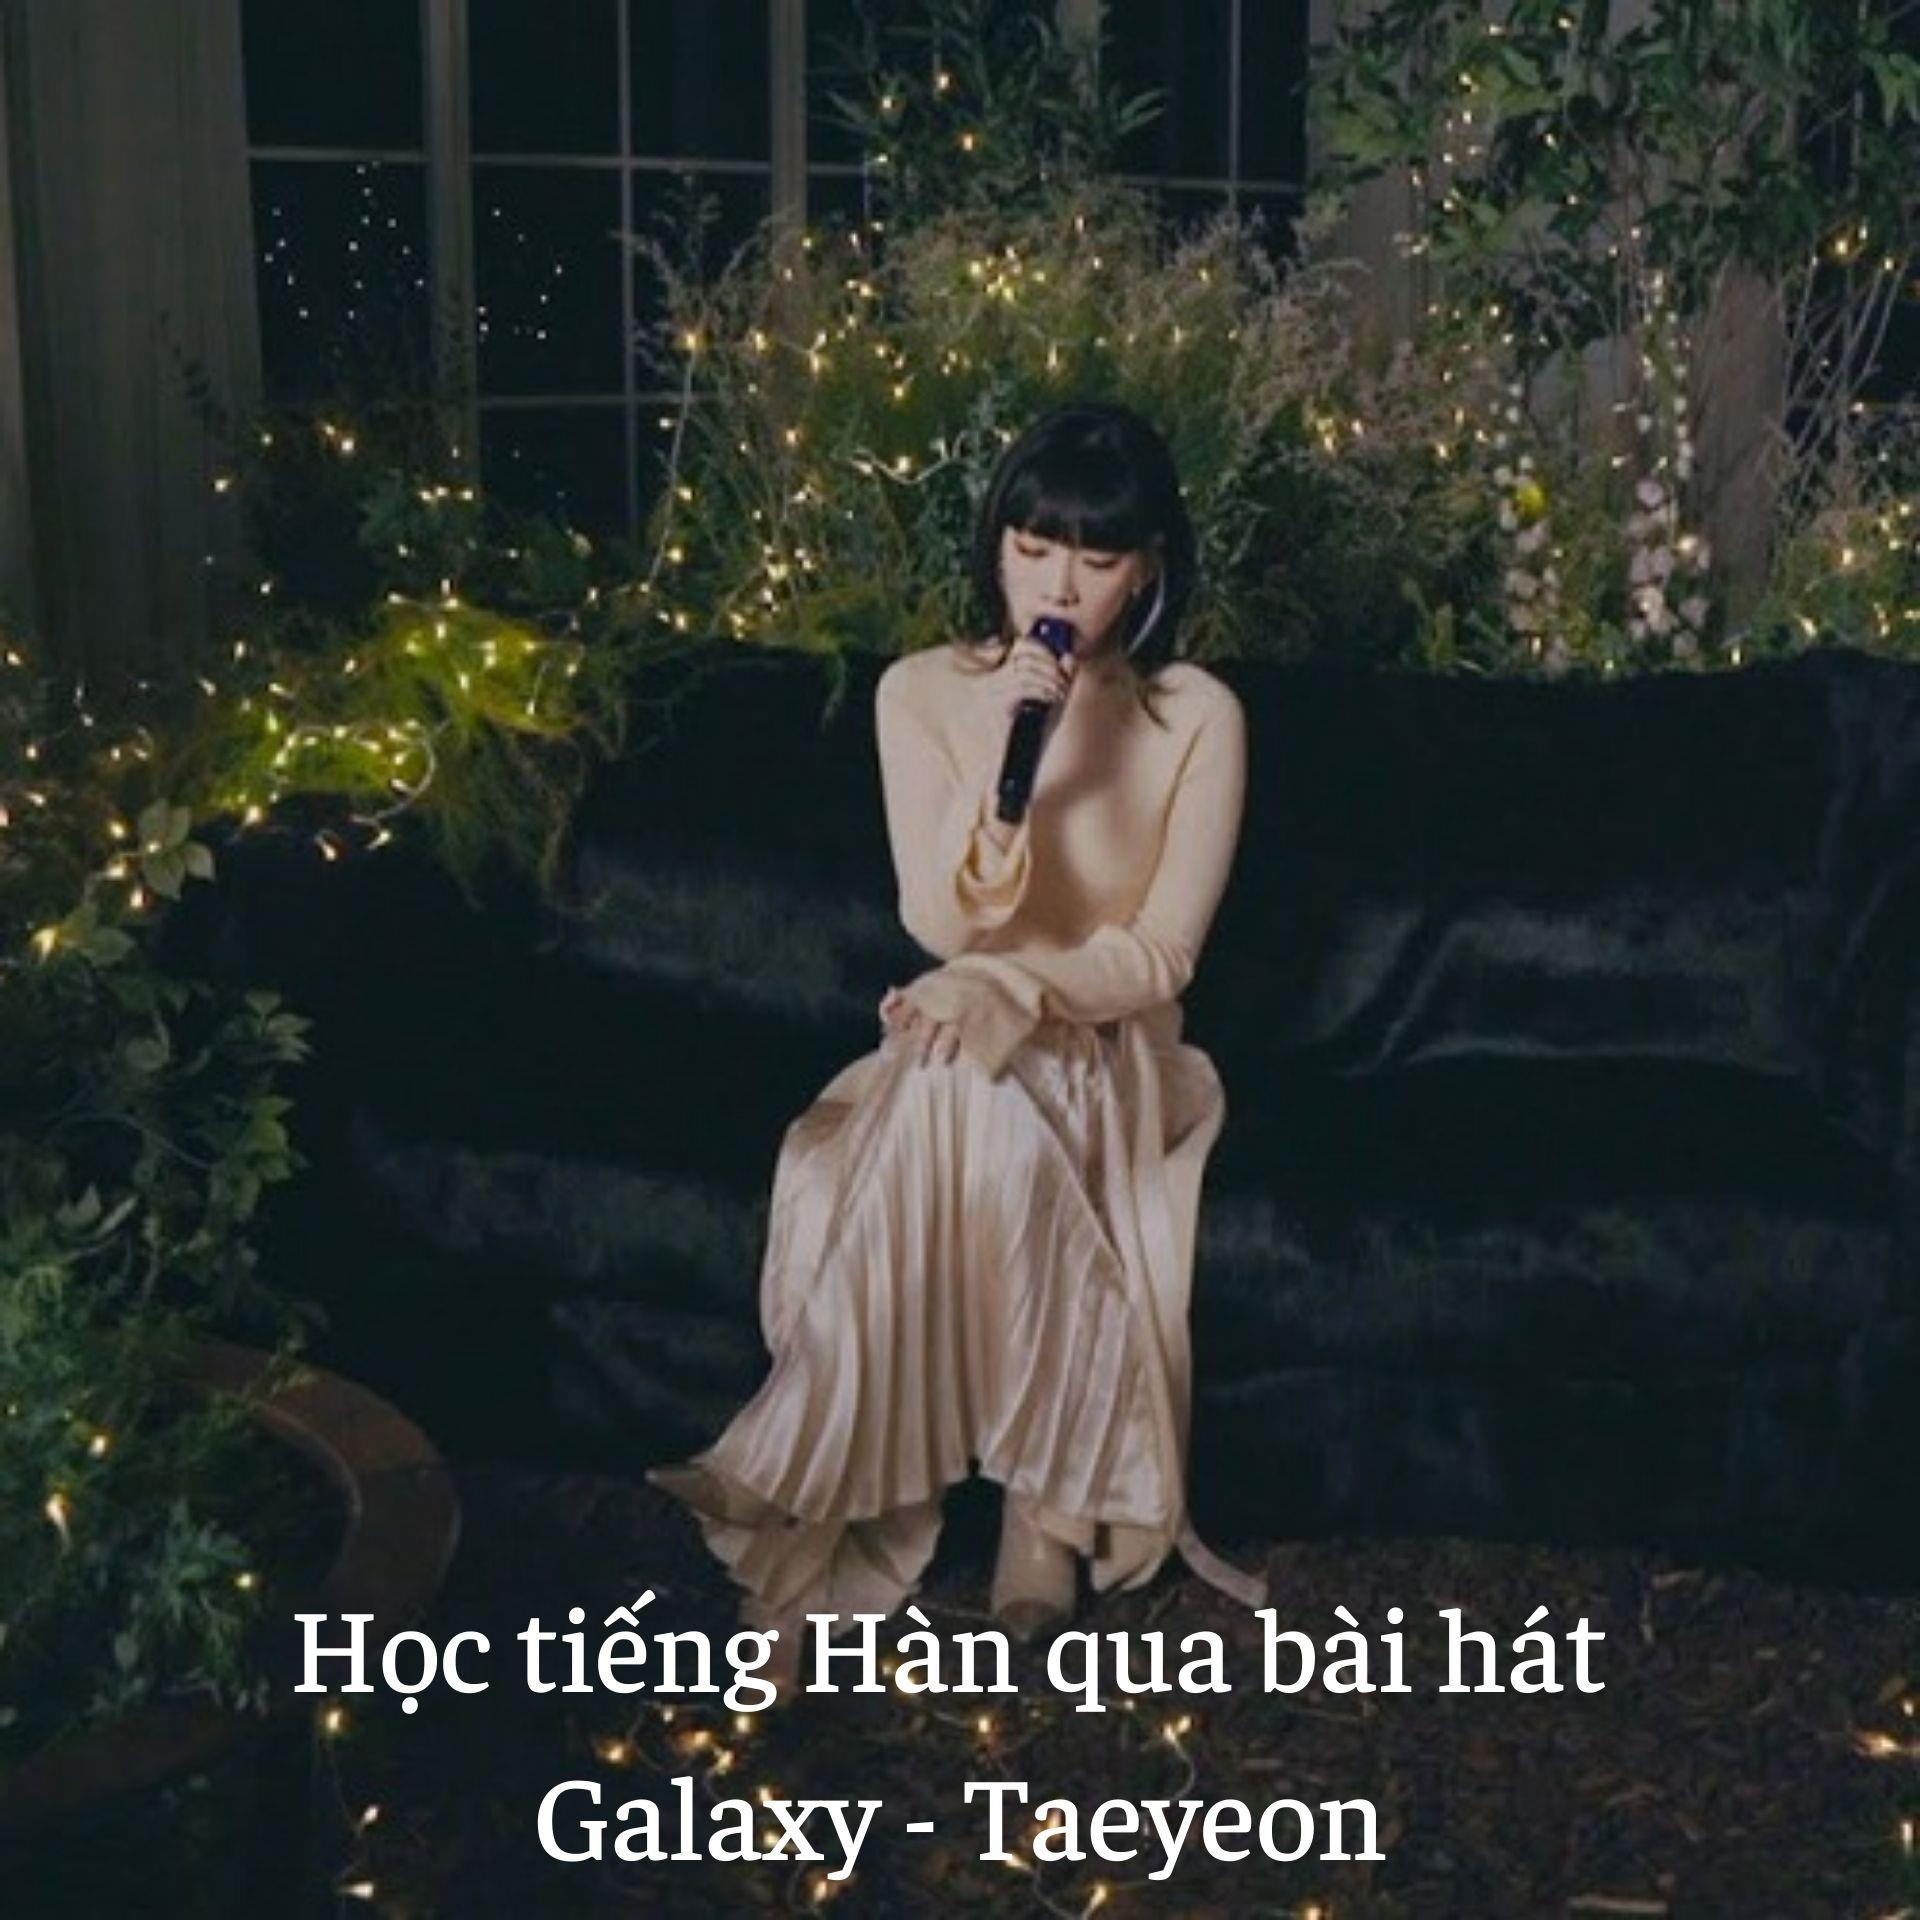 Học tiếng Hàn qua bài hát Galaxy - Taeyeon